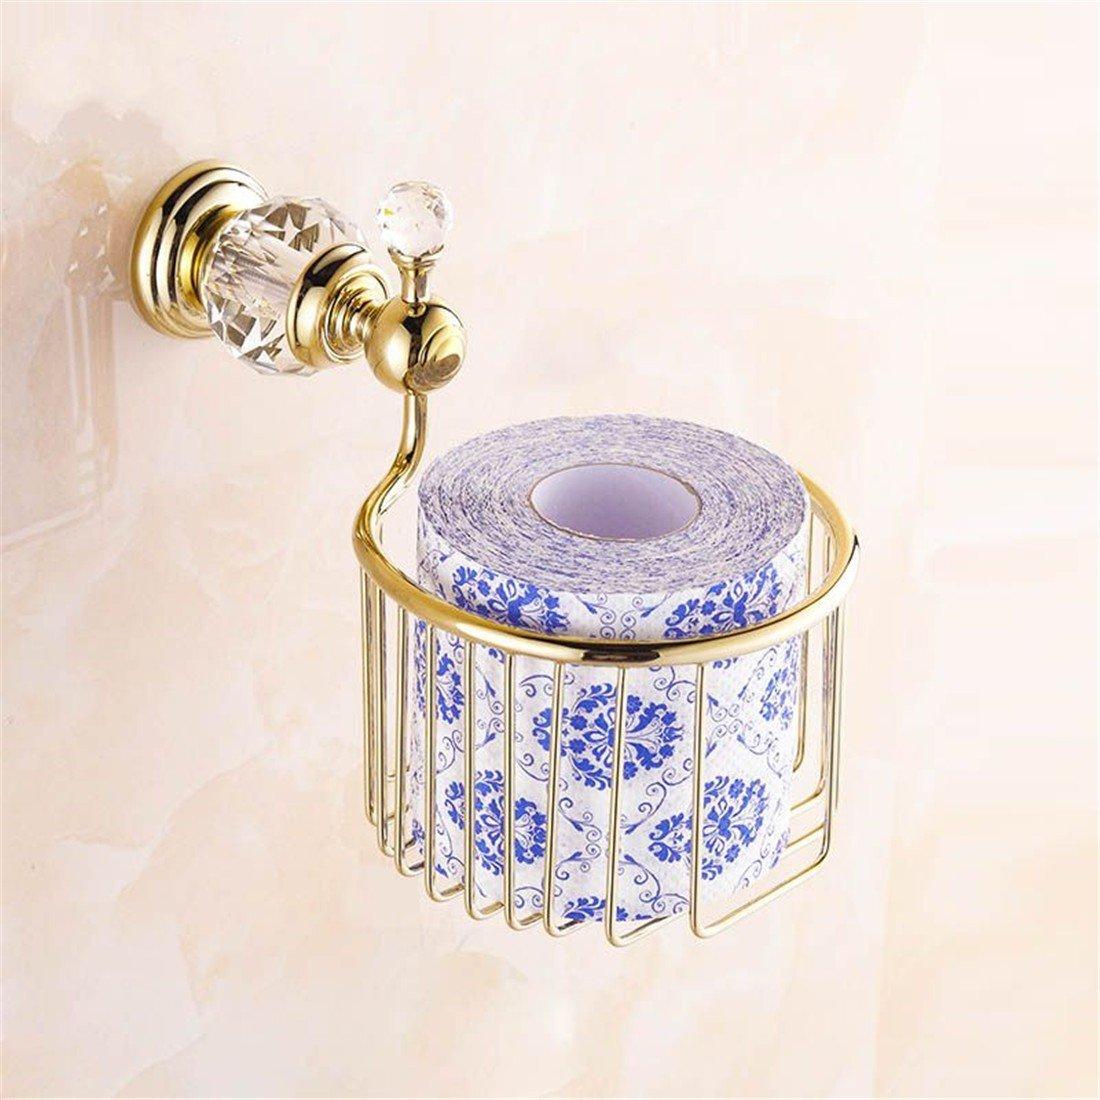 ... Accessories Accesorios de Baño Set montado en Pared Cristal de Cobre  Dorado Europeo Traje de baño Accesorios toallero toallero Cepillo Sanitario  Frame ... cddc9ba0942f